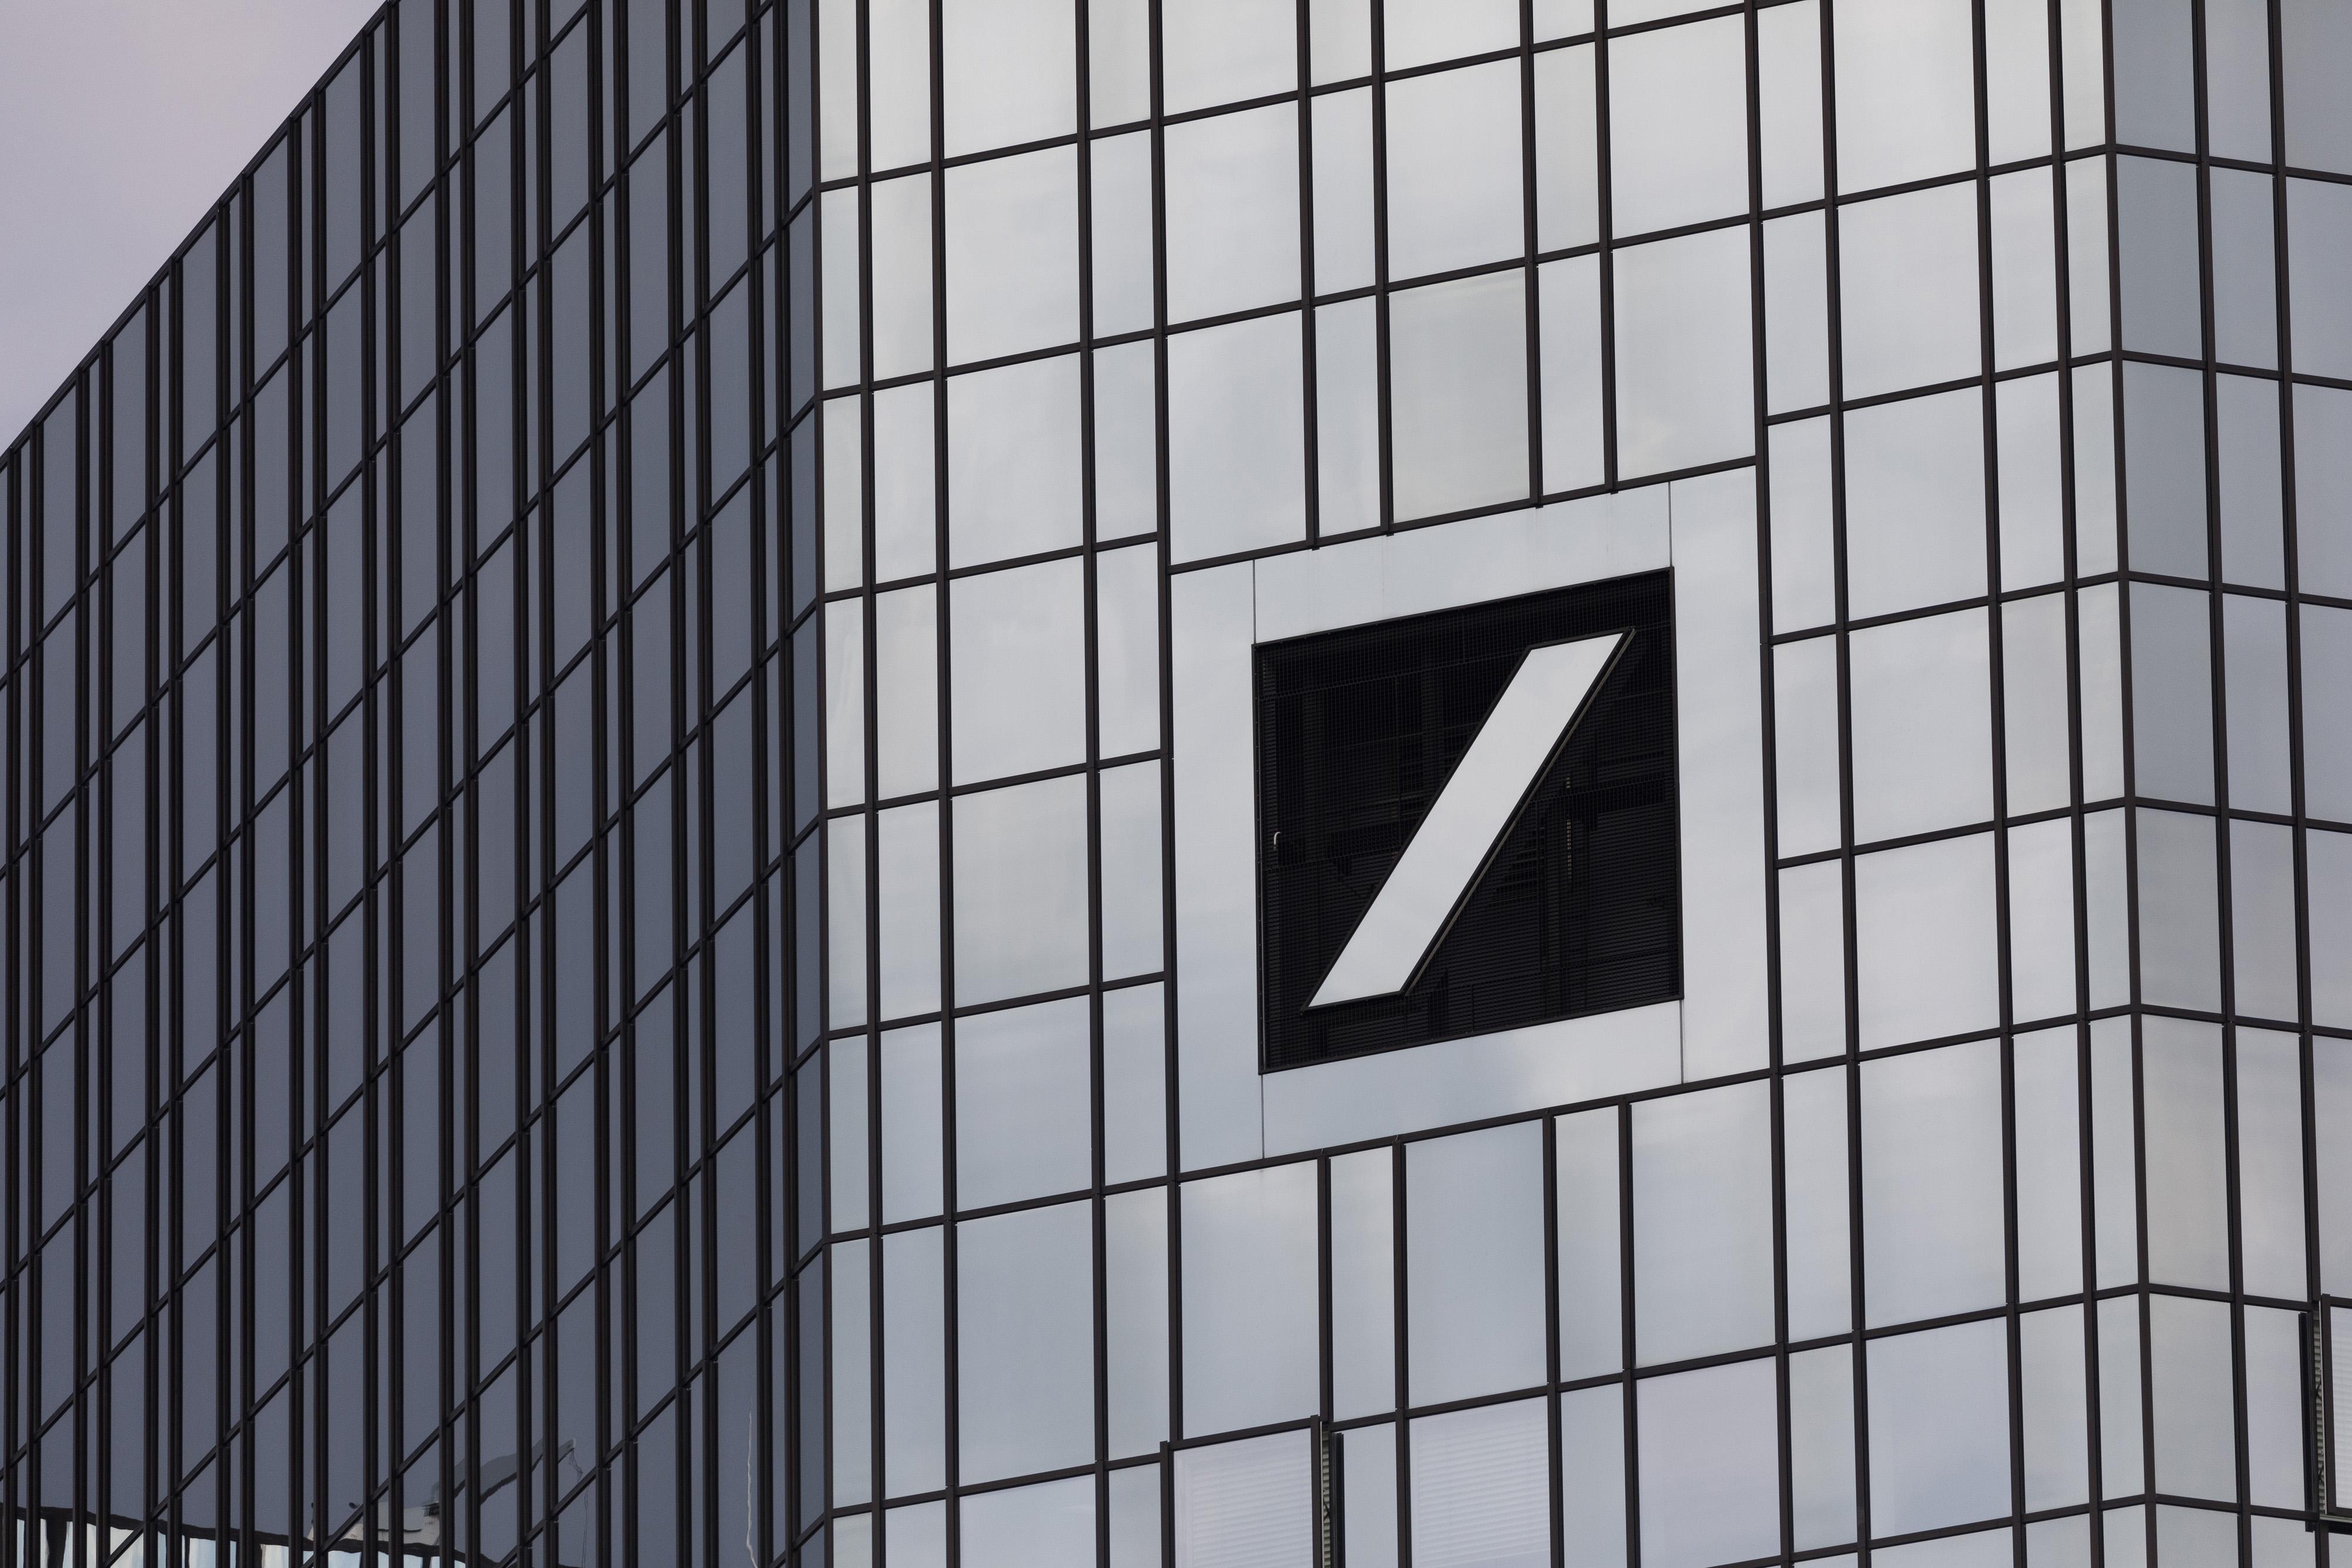 deutsche bank mitarbeitervorteile